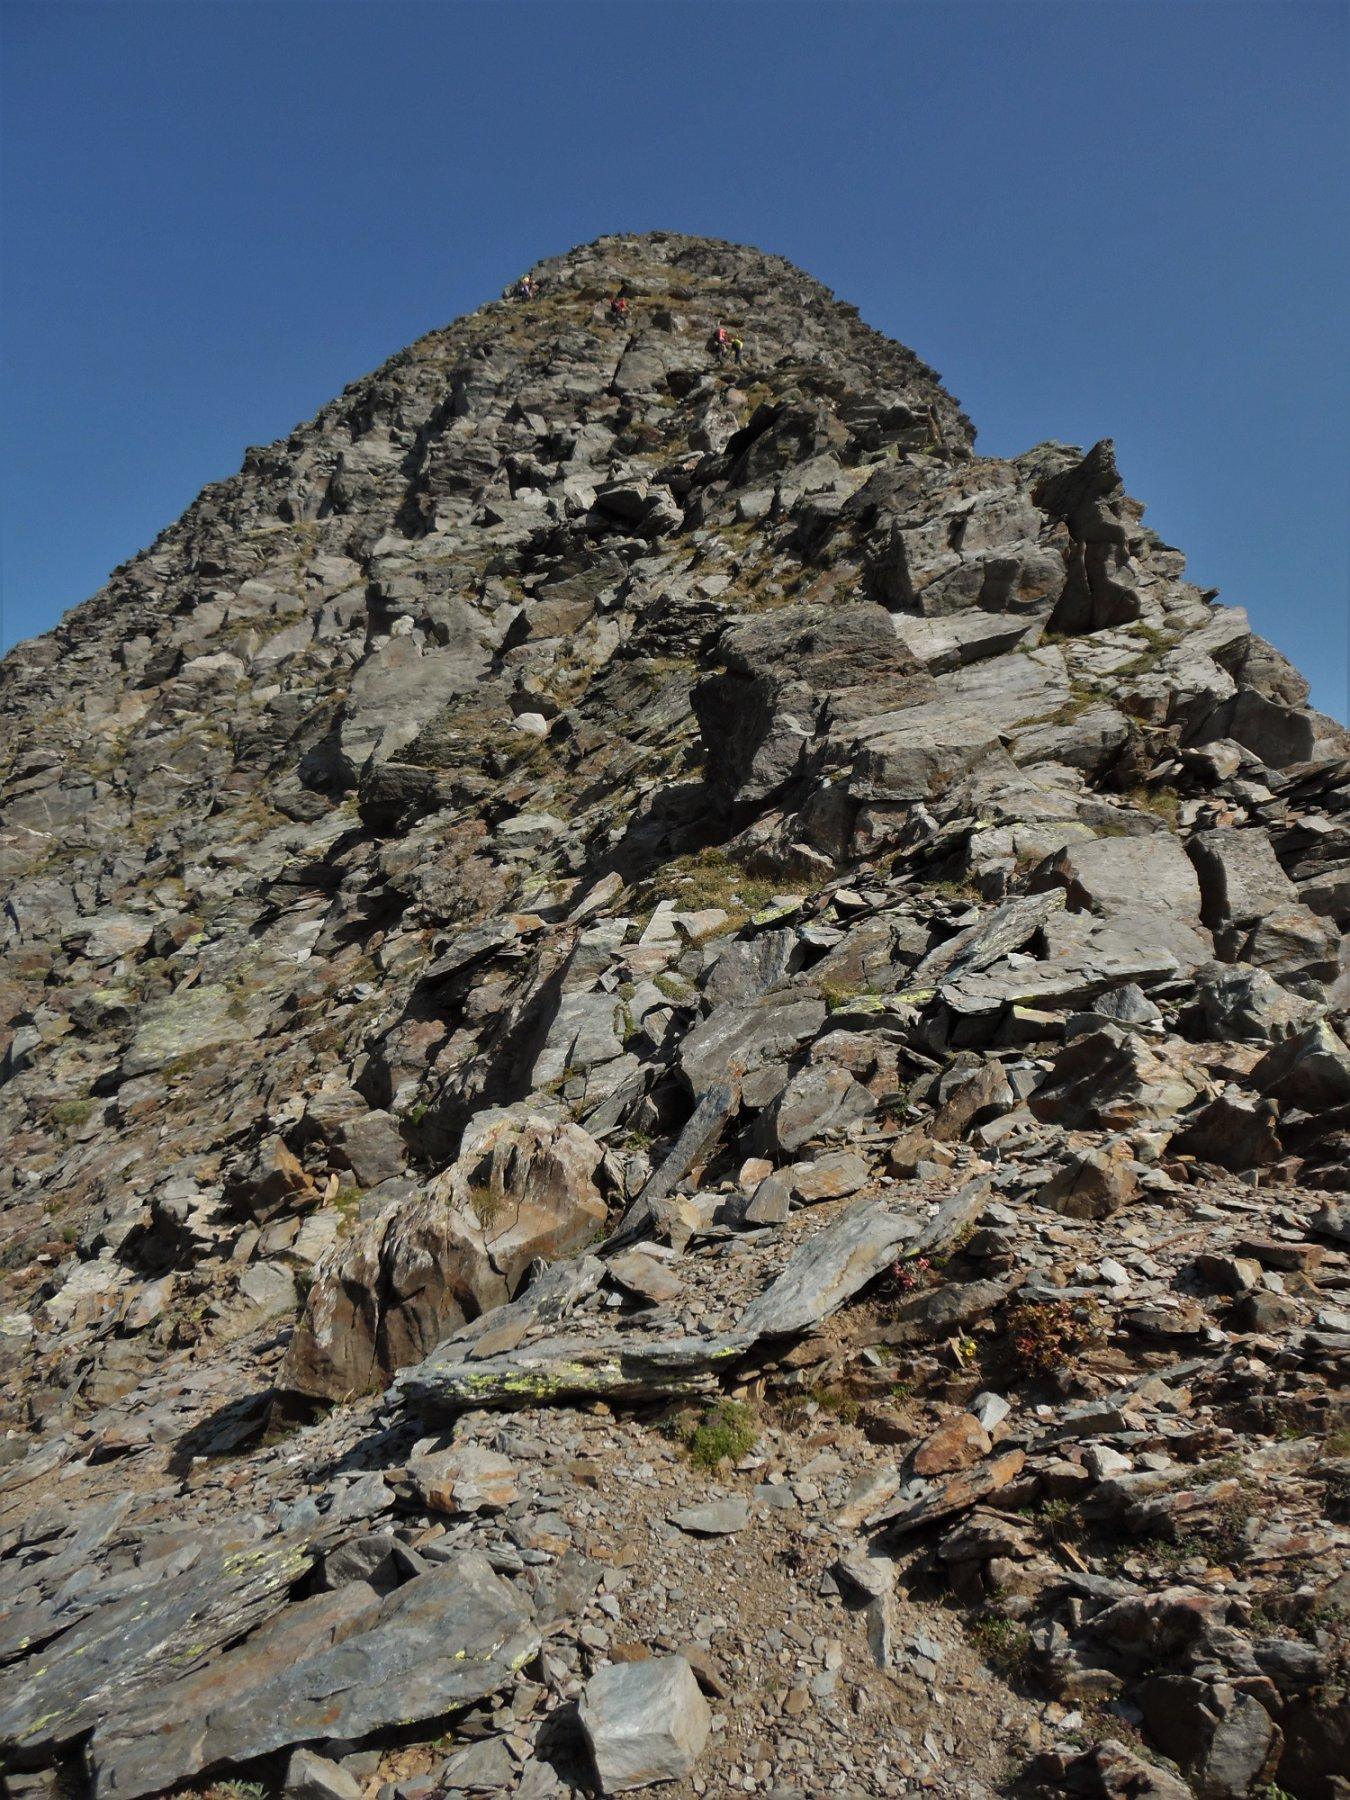 Crinale di rocce rotte ed erba del Pizzo Brunone valtellinese